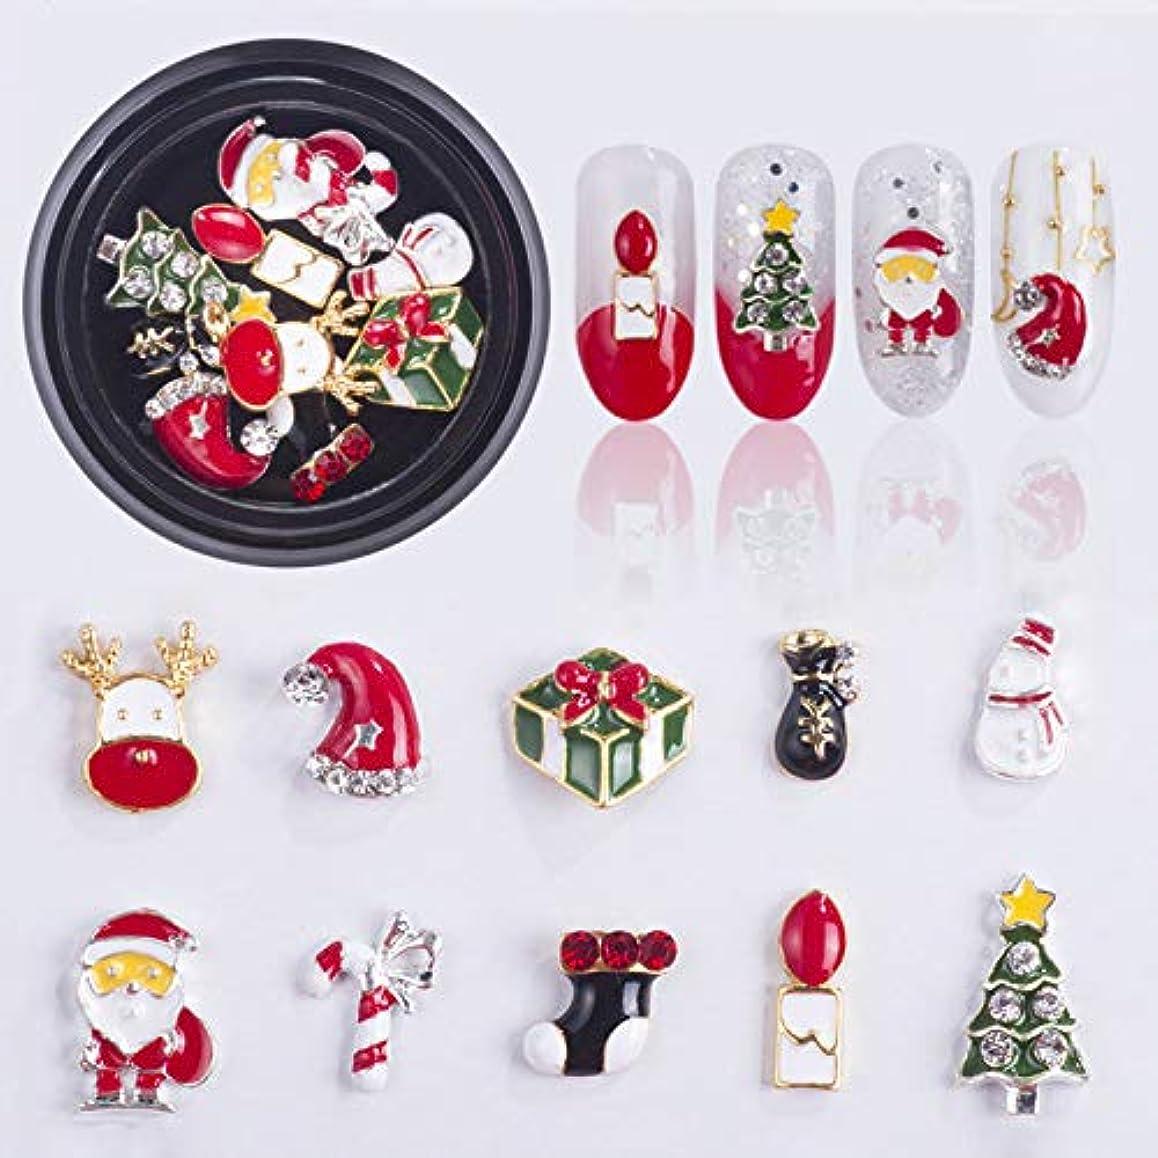 むき出し文明化する愛人1個ックスクリスマスクリスマスジュエリーミックスツリー雪だるまネイルアート装飾合金金属DIY 3Dネイルラインストーンツール